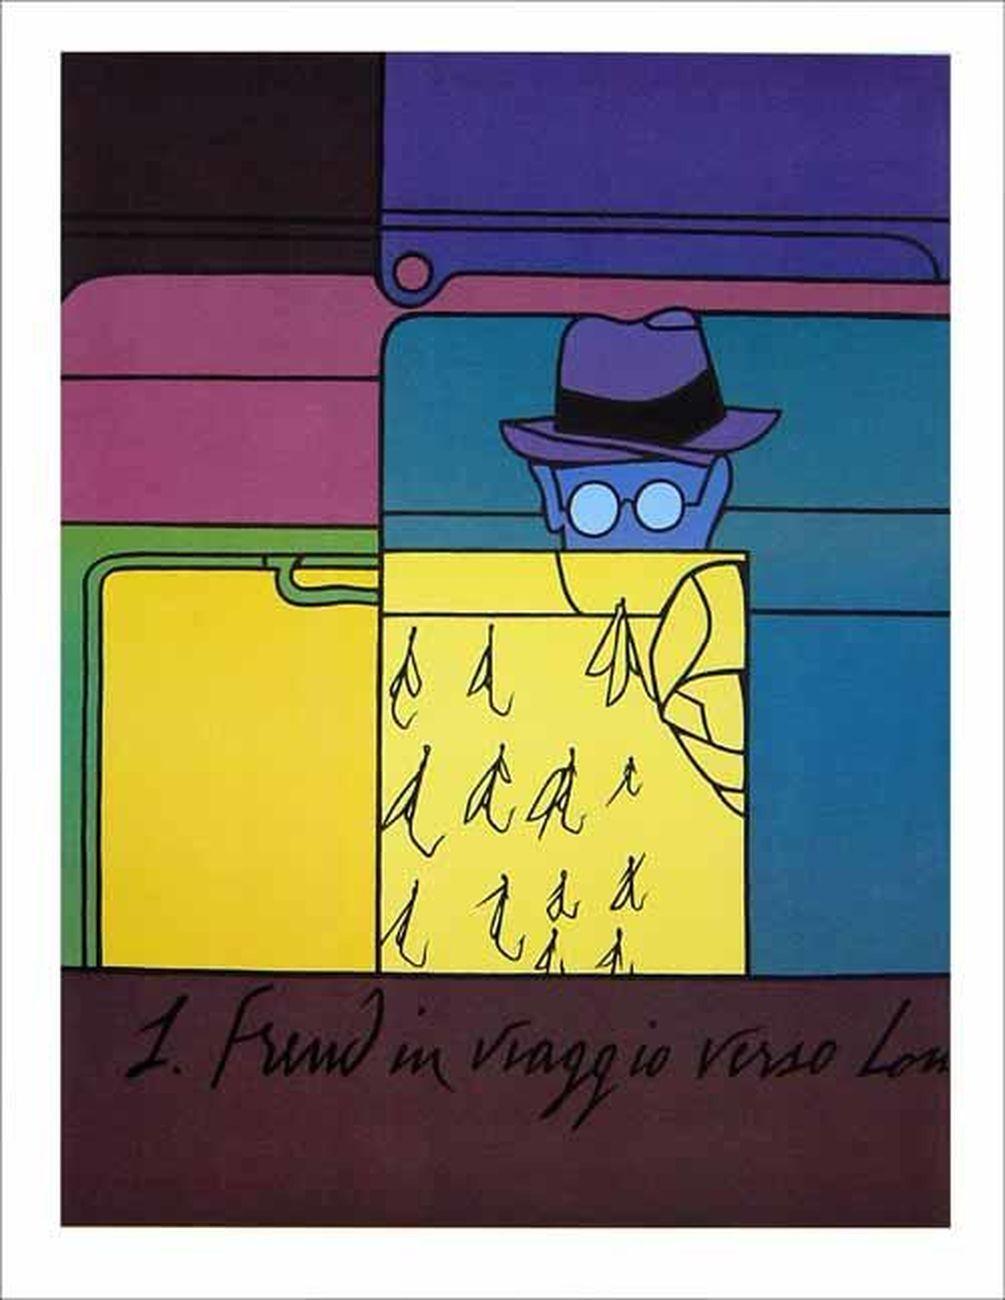 Valerio Adami, Sigmund Freud in viaggio verso Londra, 1973. Collezione privata